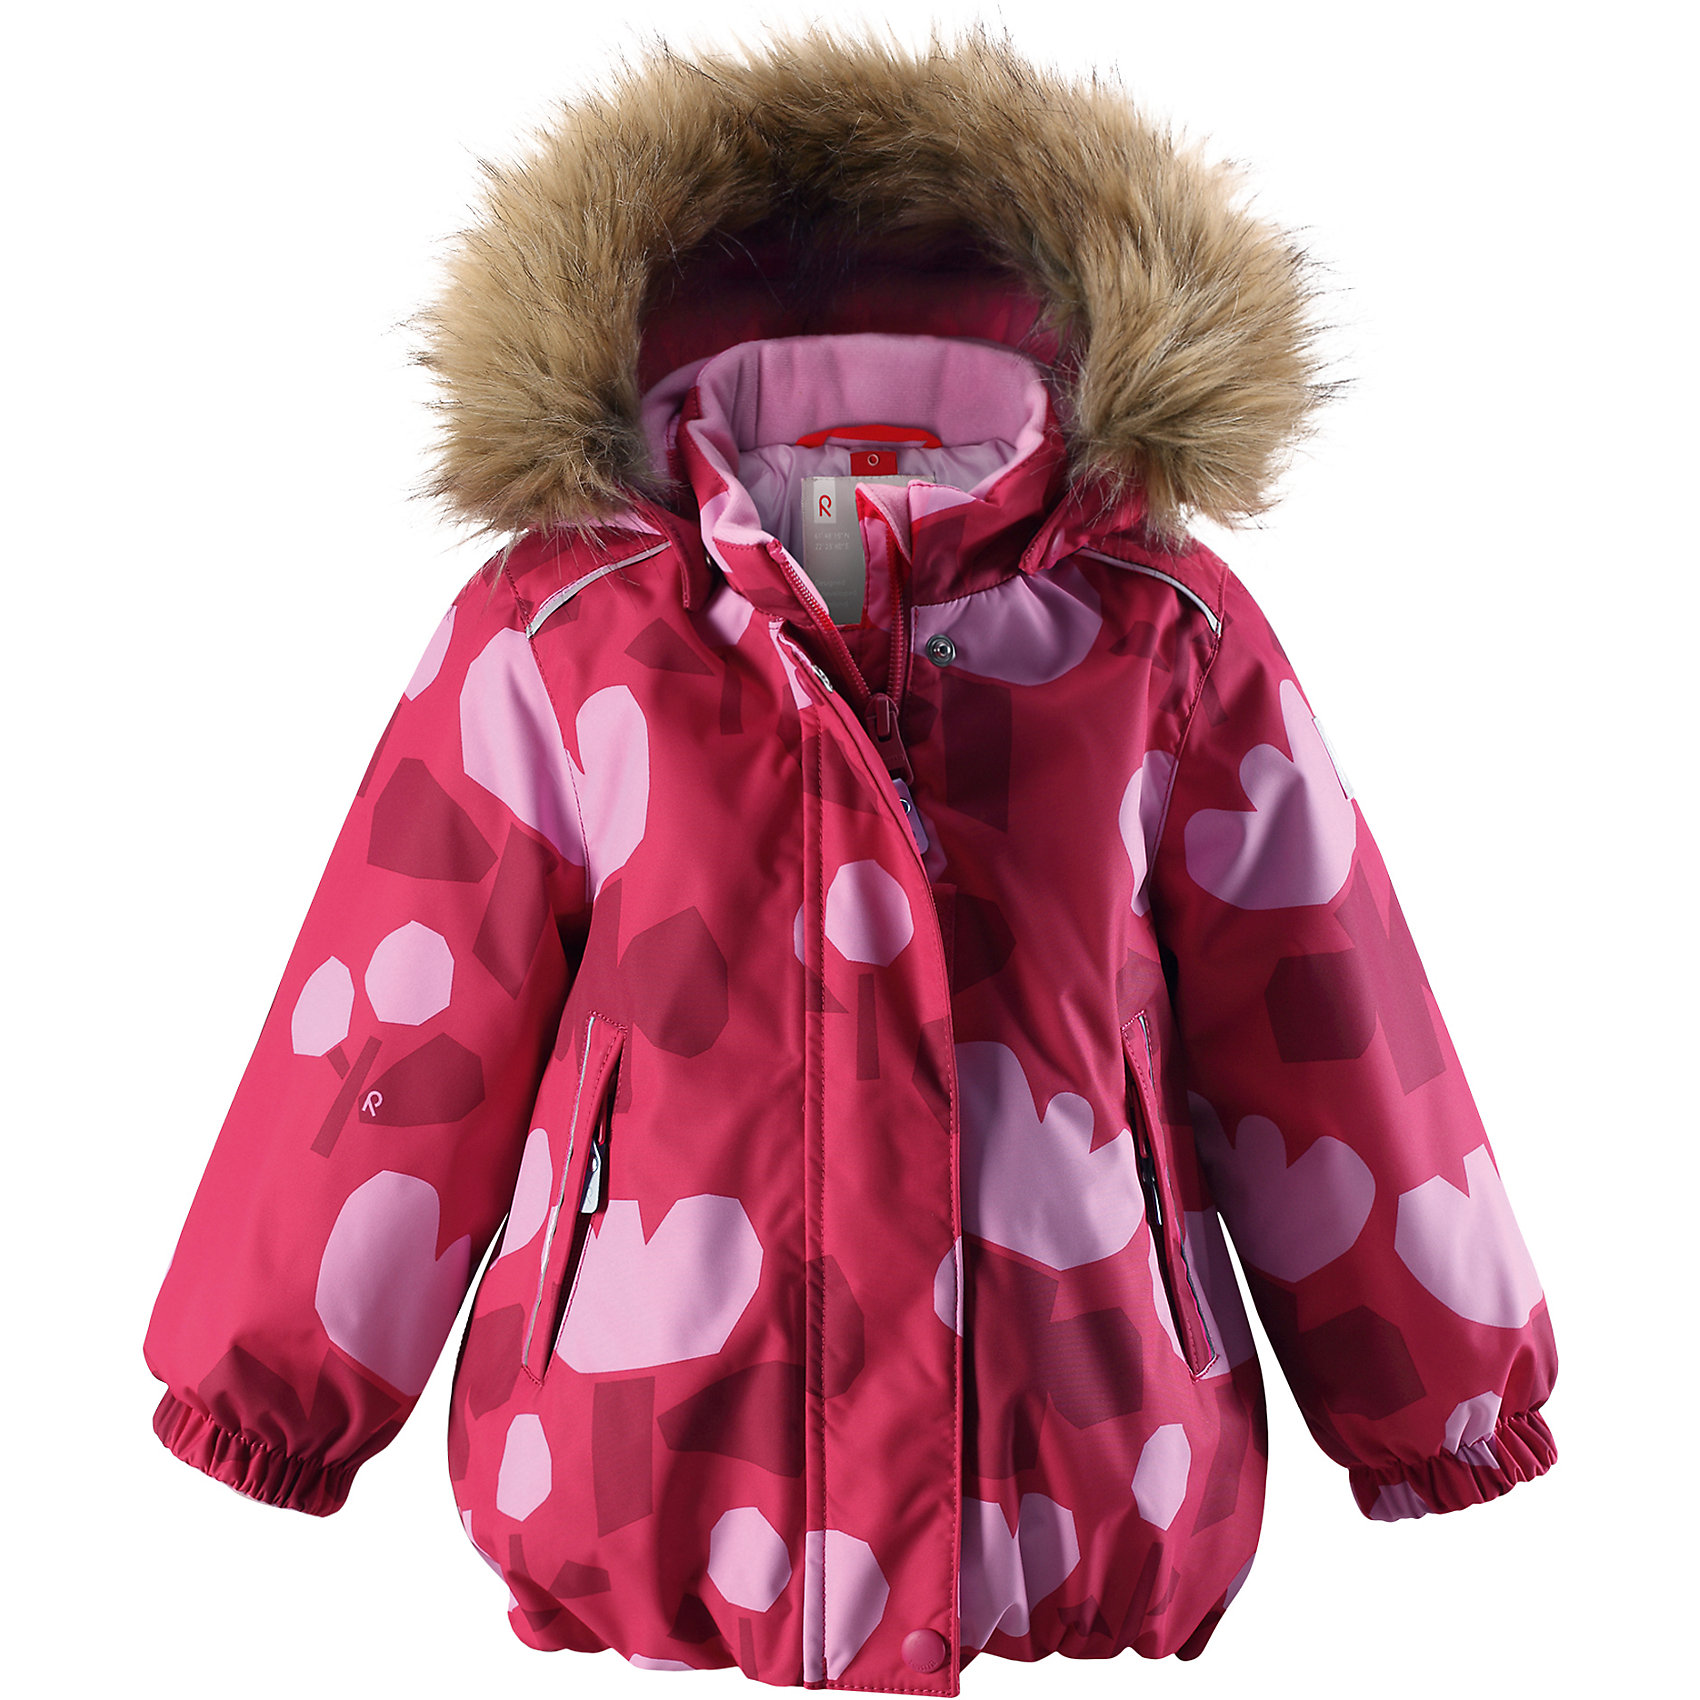 Куртка Pihlaja Reimatec® Reima для мальчикаОдежда<br>Отличная зимняя куртка для малышей! Все швы проклеены и водонепроницаемы, а сама она изготовлена из водо- и ветронепроницаемого, грязеотталкивающего материала. Гладкая подкладка и длинная застежка на молнии облегчают надевание. Съемный капюшон защищает от ветра, к тому же он абсолютно безопасен – легко отстегнется, если вдруг за что-нибудь зацепится. Маленькие карманы на молнии надежно сохранят все сокровища. Обратите внимание: куртку можно сушить в сушильной машине.<br>Состав:<br>100% Полиэстер<br><br>Ширина мм: 356<br>Глубина мм: 10<br>Высота мм: 245<br>Вес г: 519<br>Цвет: розовый<br>Возраст от месяцев: 24<br>Возраст до месяцев: 36<br>Пол: Мужской<br>Возраст: Детский<br>Размер: 98,80,86,92<br>SKU: 6968472